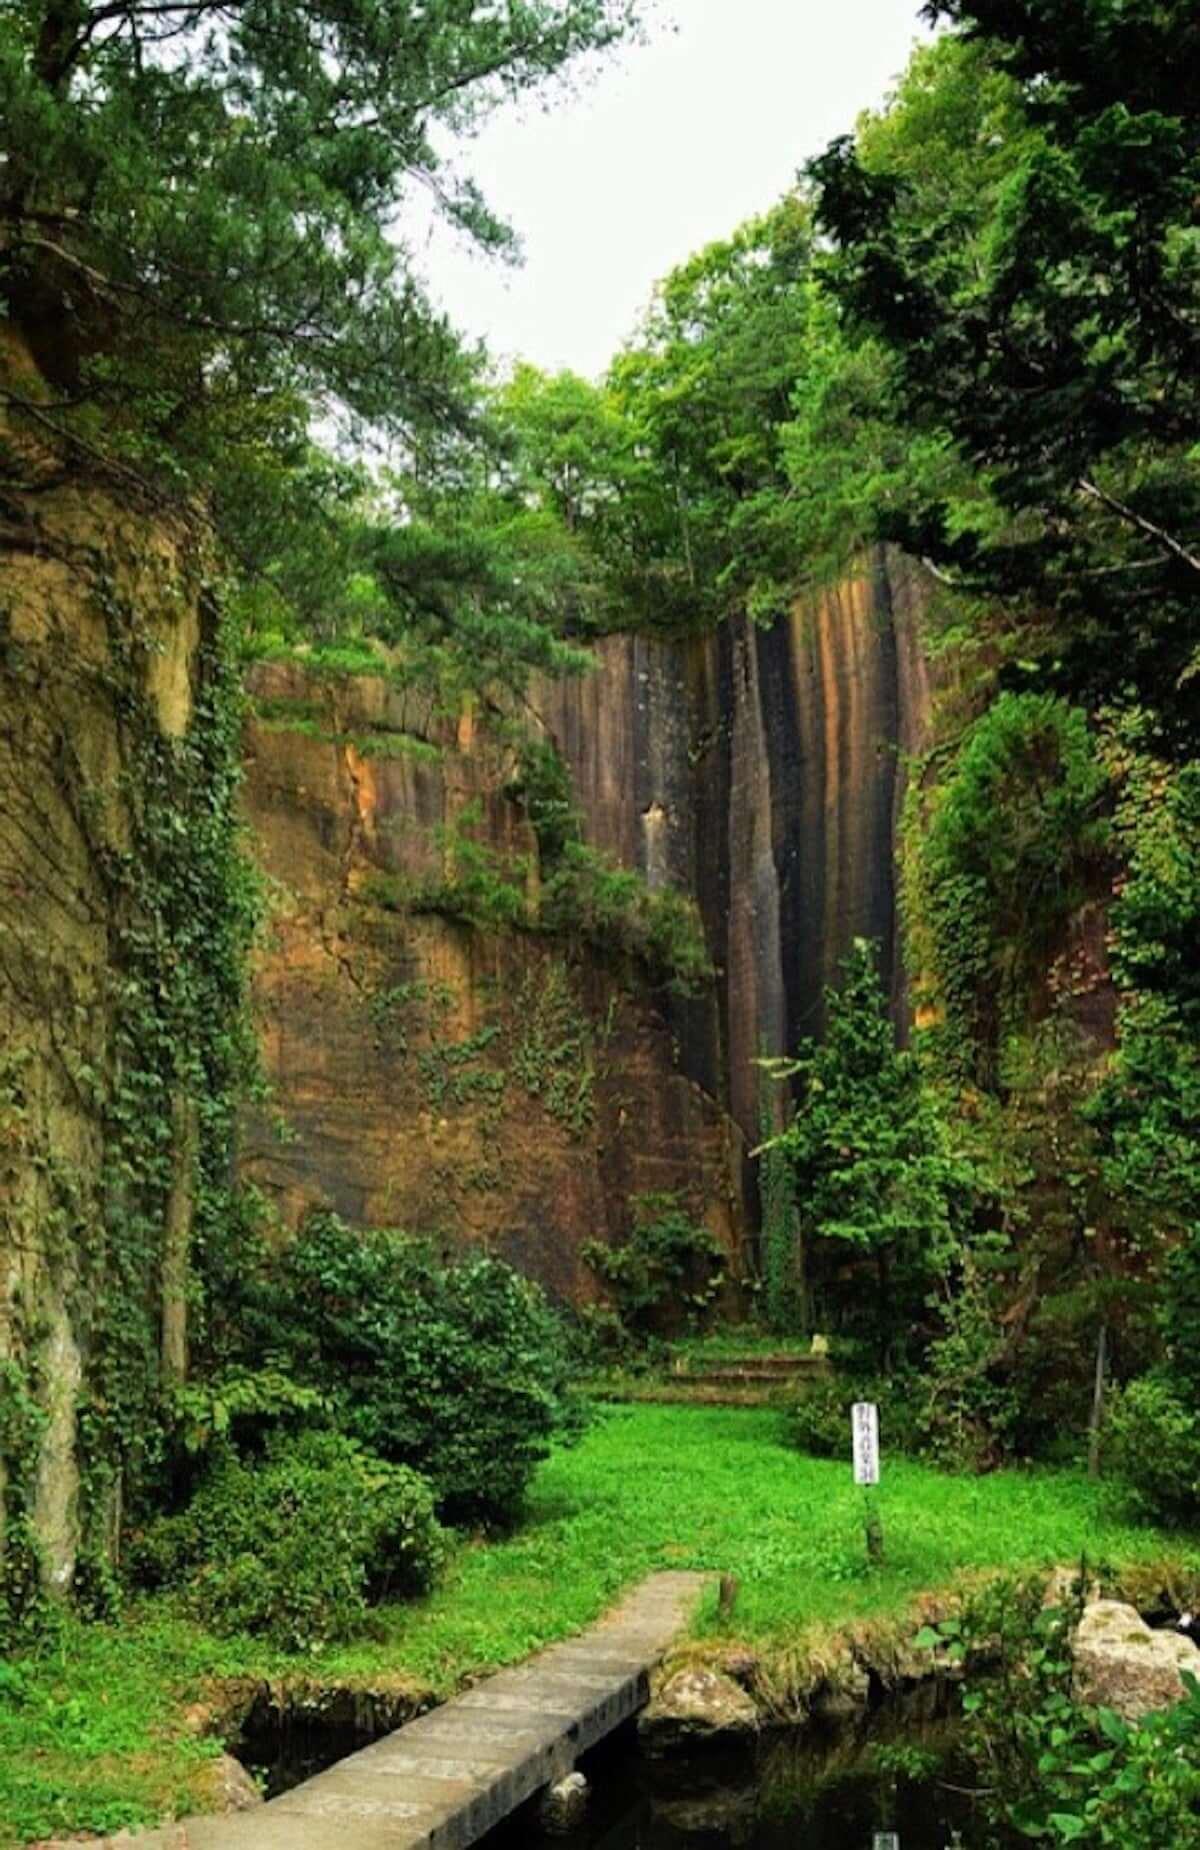 高さ50mの絶壁で新野外フェス|Licaxxx、mabanua、Seiho、tomadらが<岩壁音楽祭>に出演決定 mu190226-ganpeki3-1200x1850